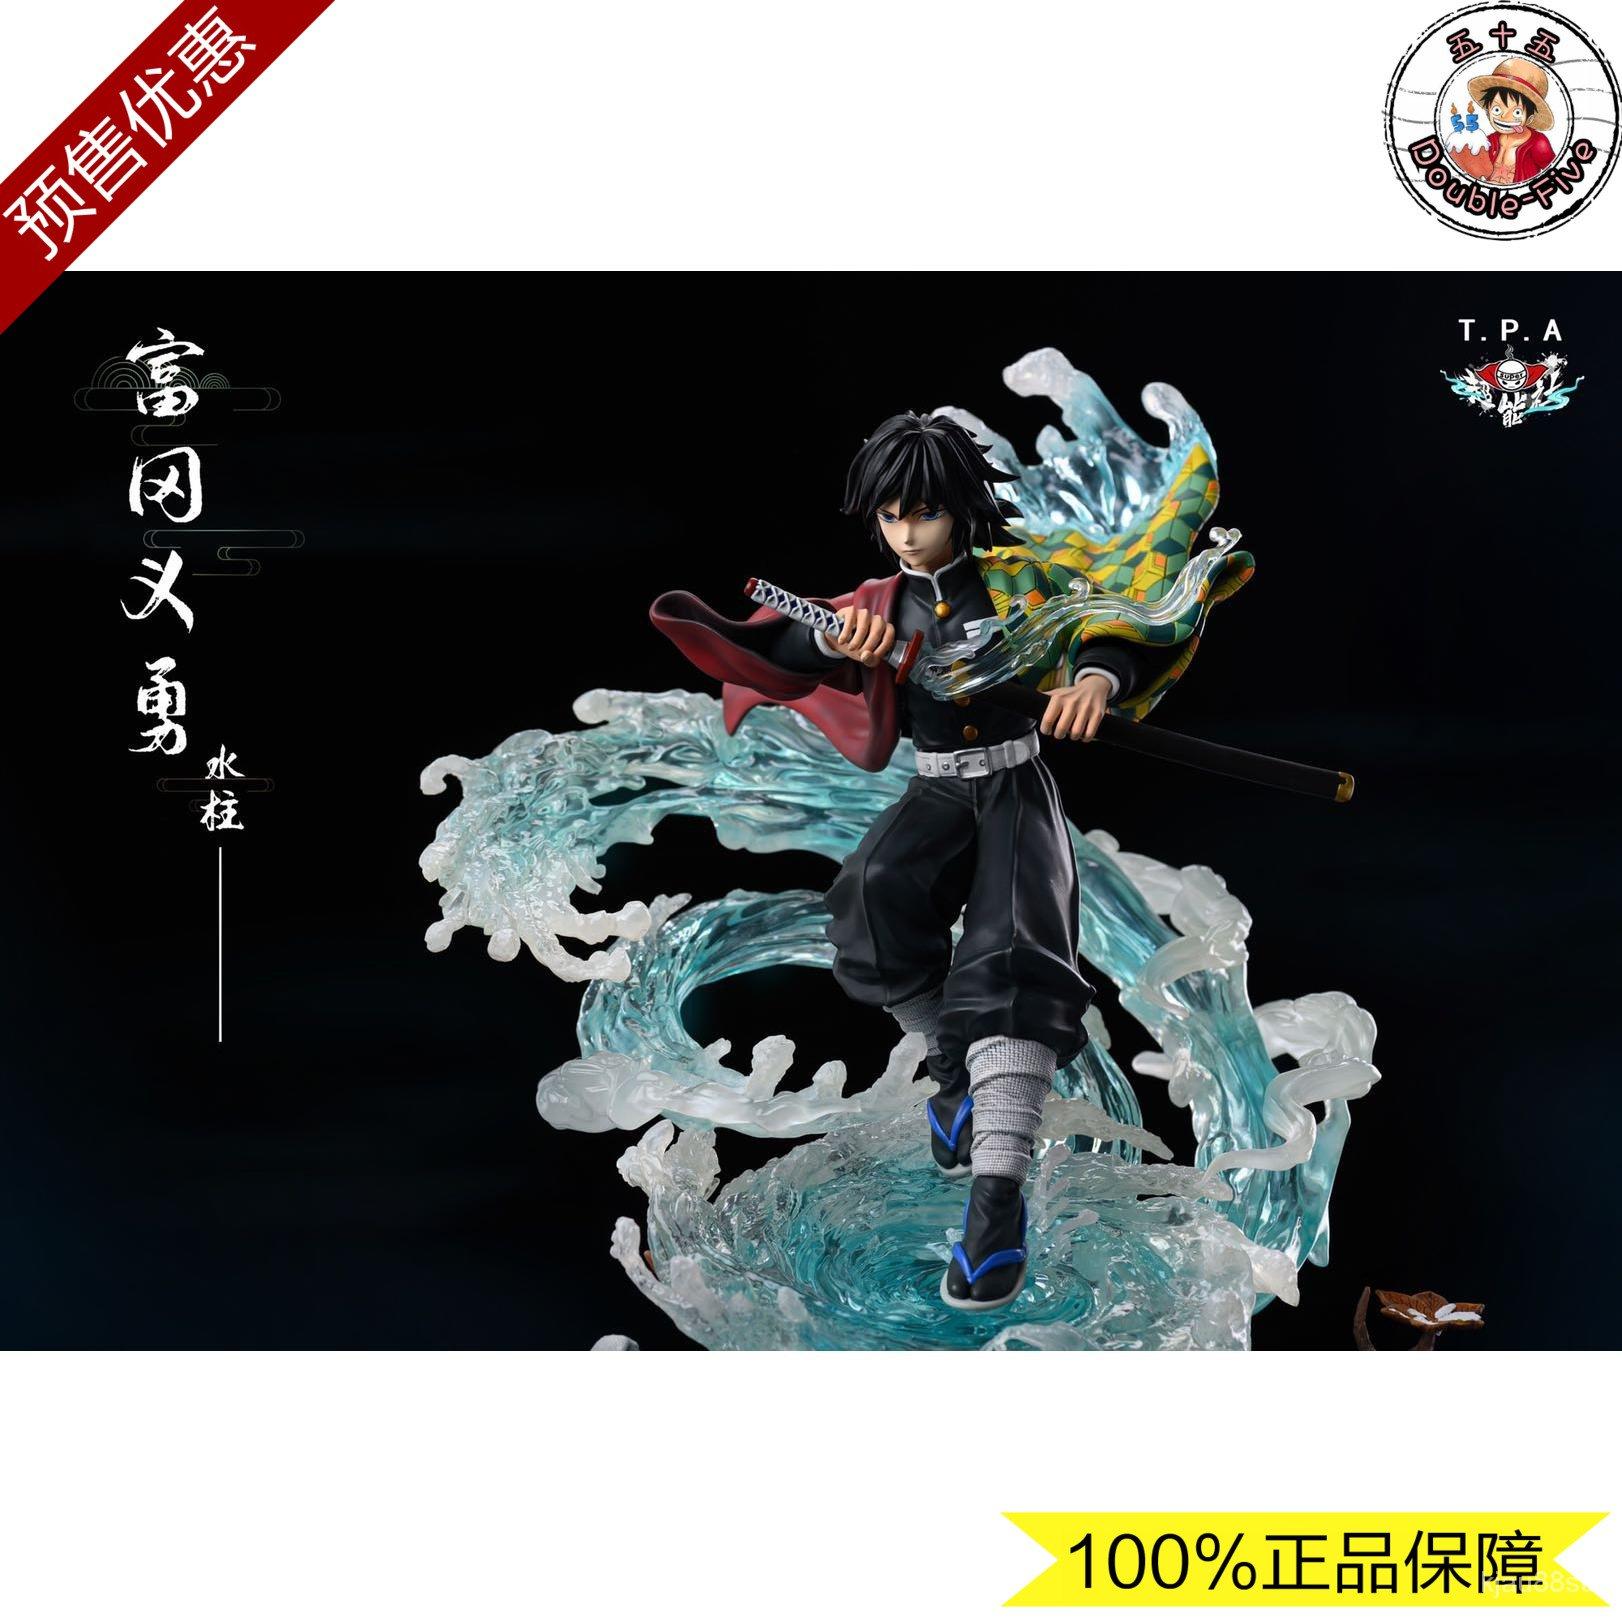 【正版現貨】鬼滅之刃GK TPA超能社 水柱 富岡義勇共鳴手辦模型雕像